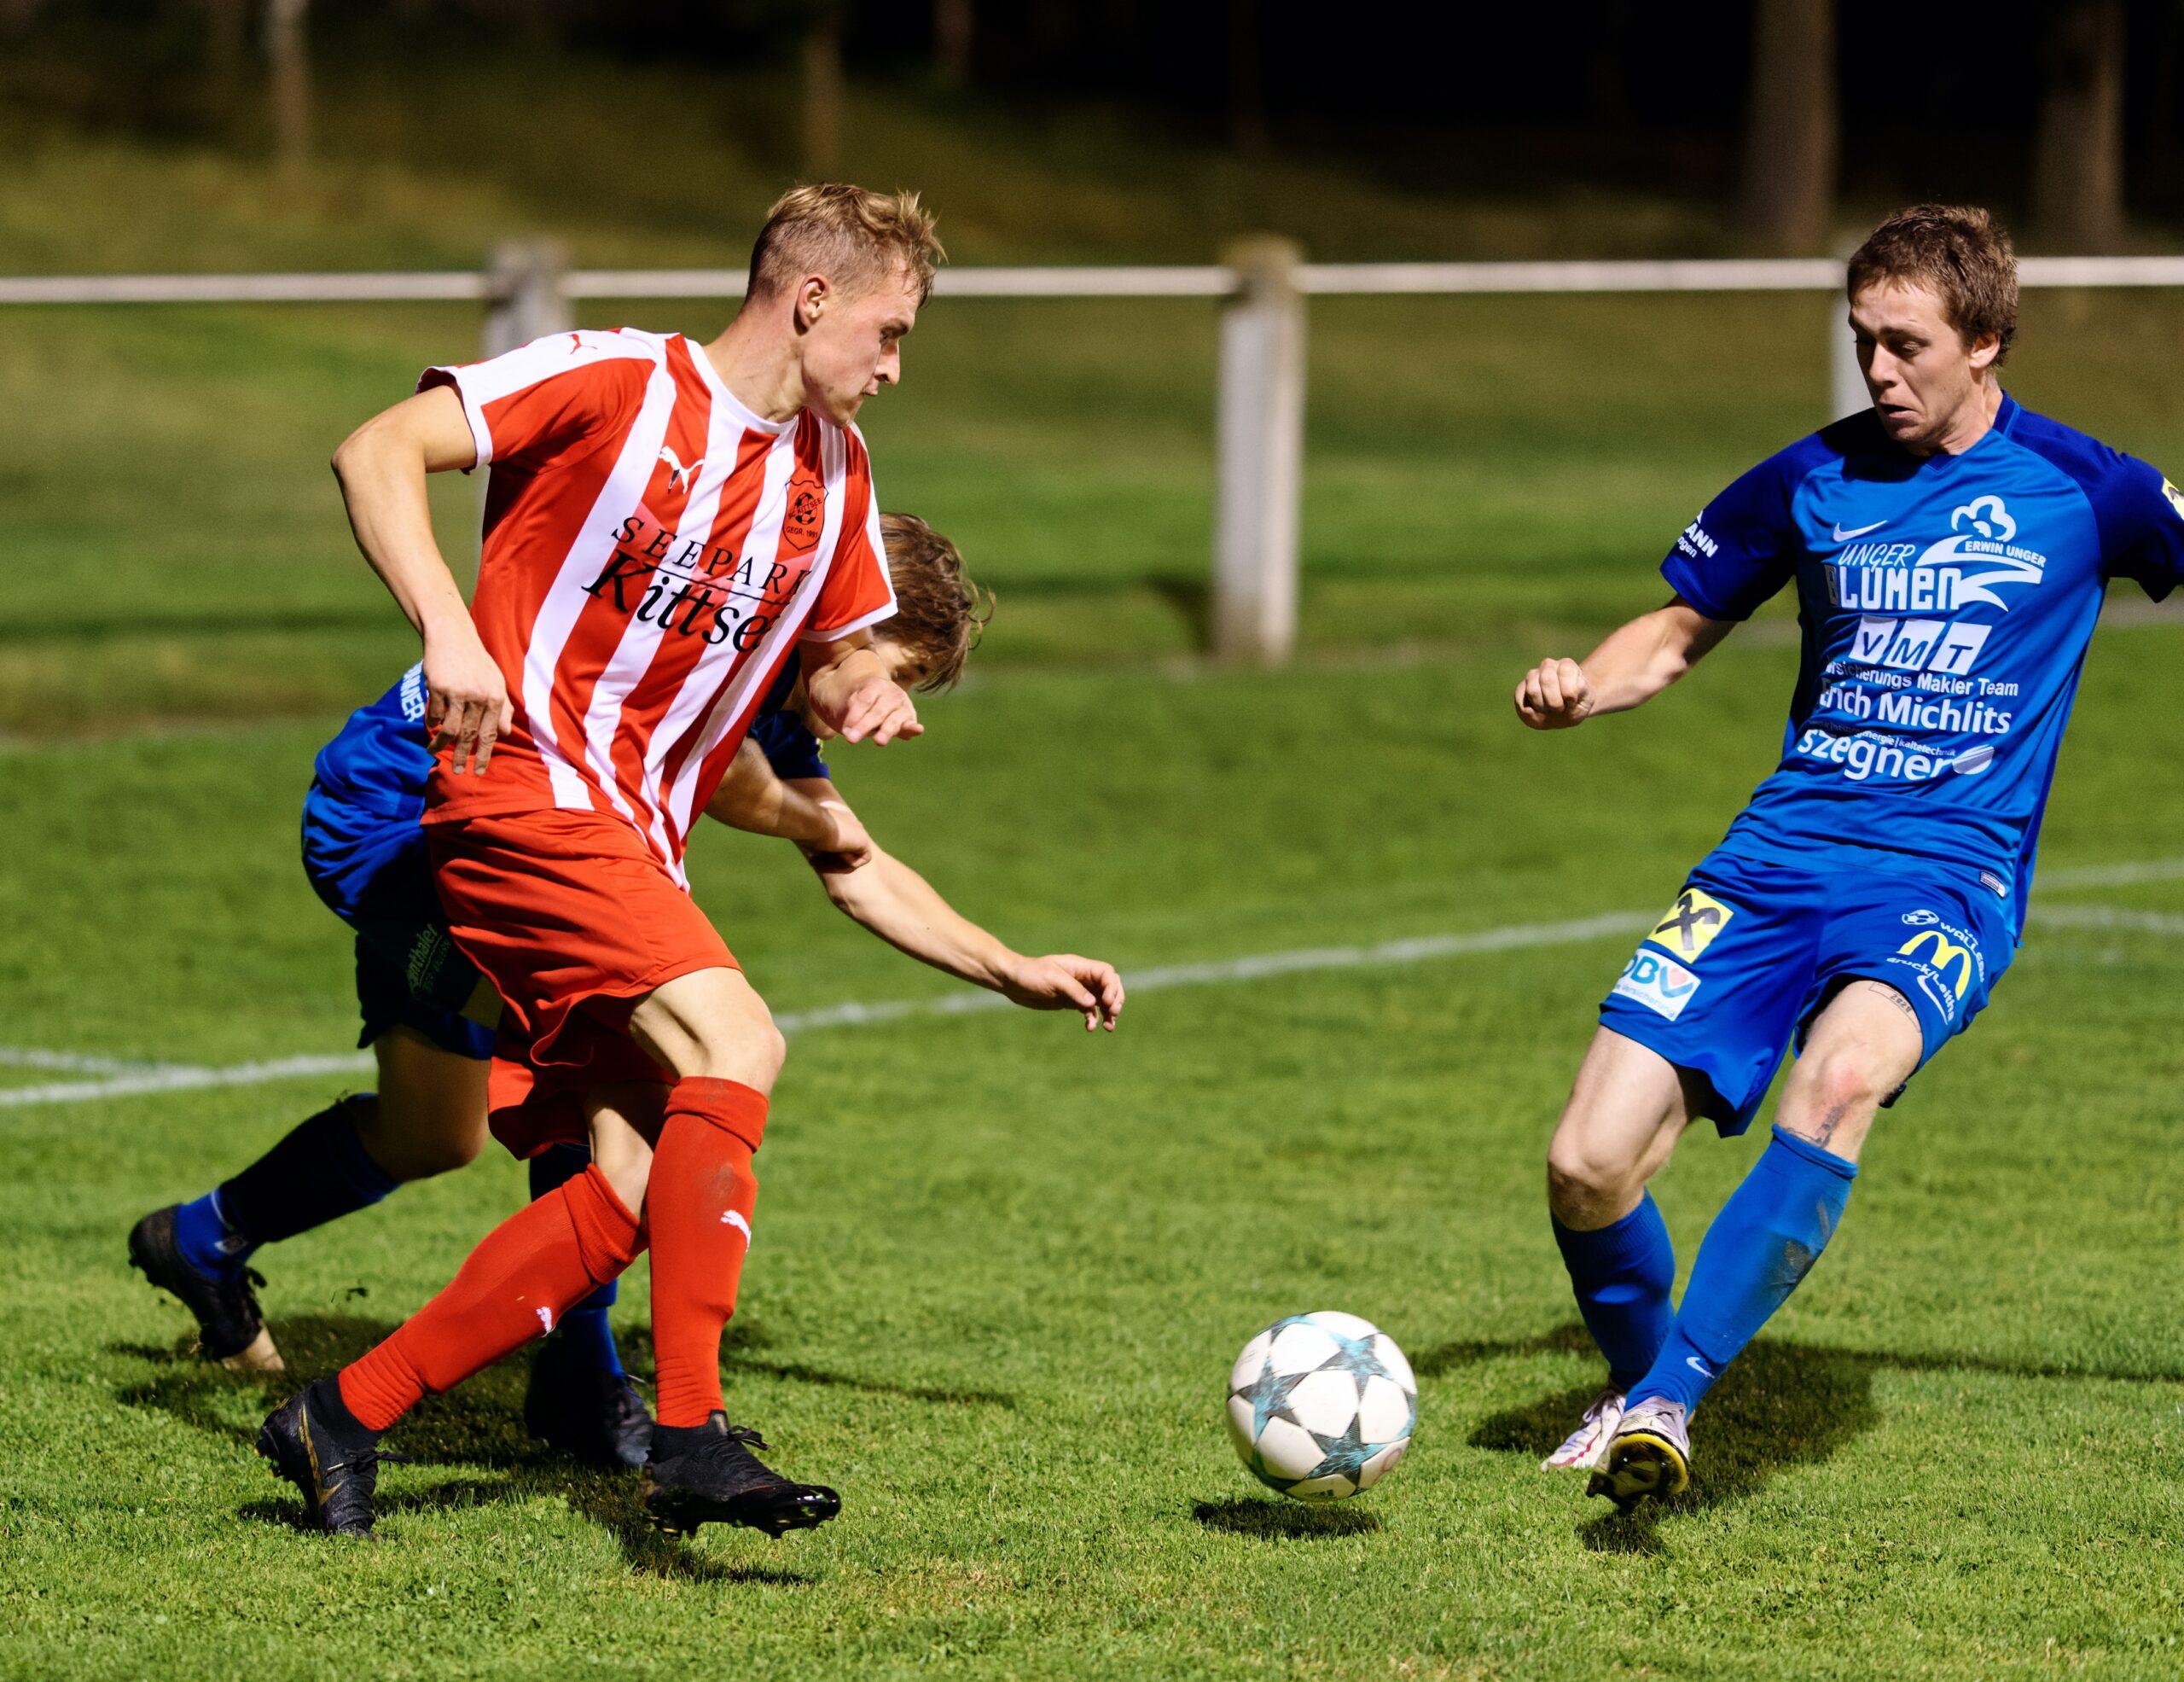 Jozef Sombat eludes two defenders